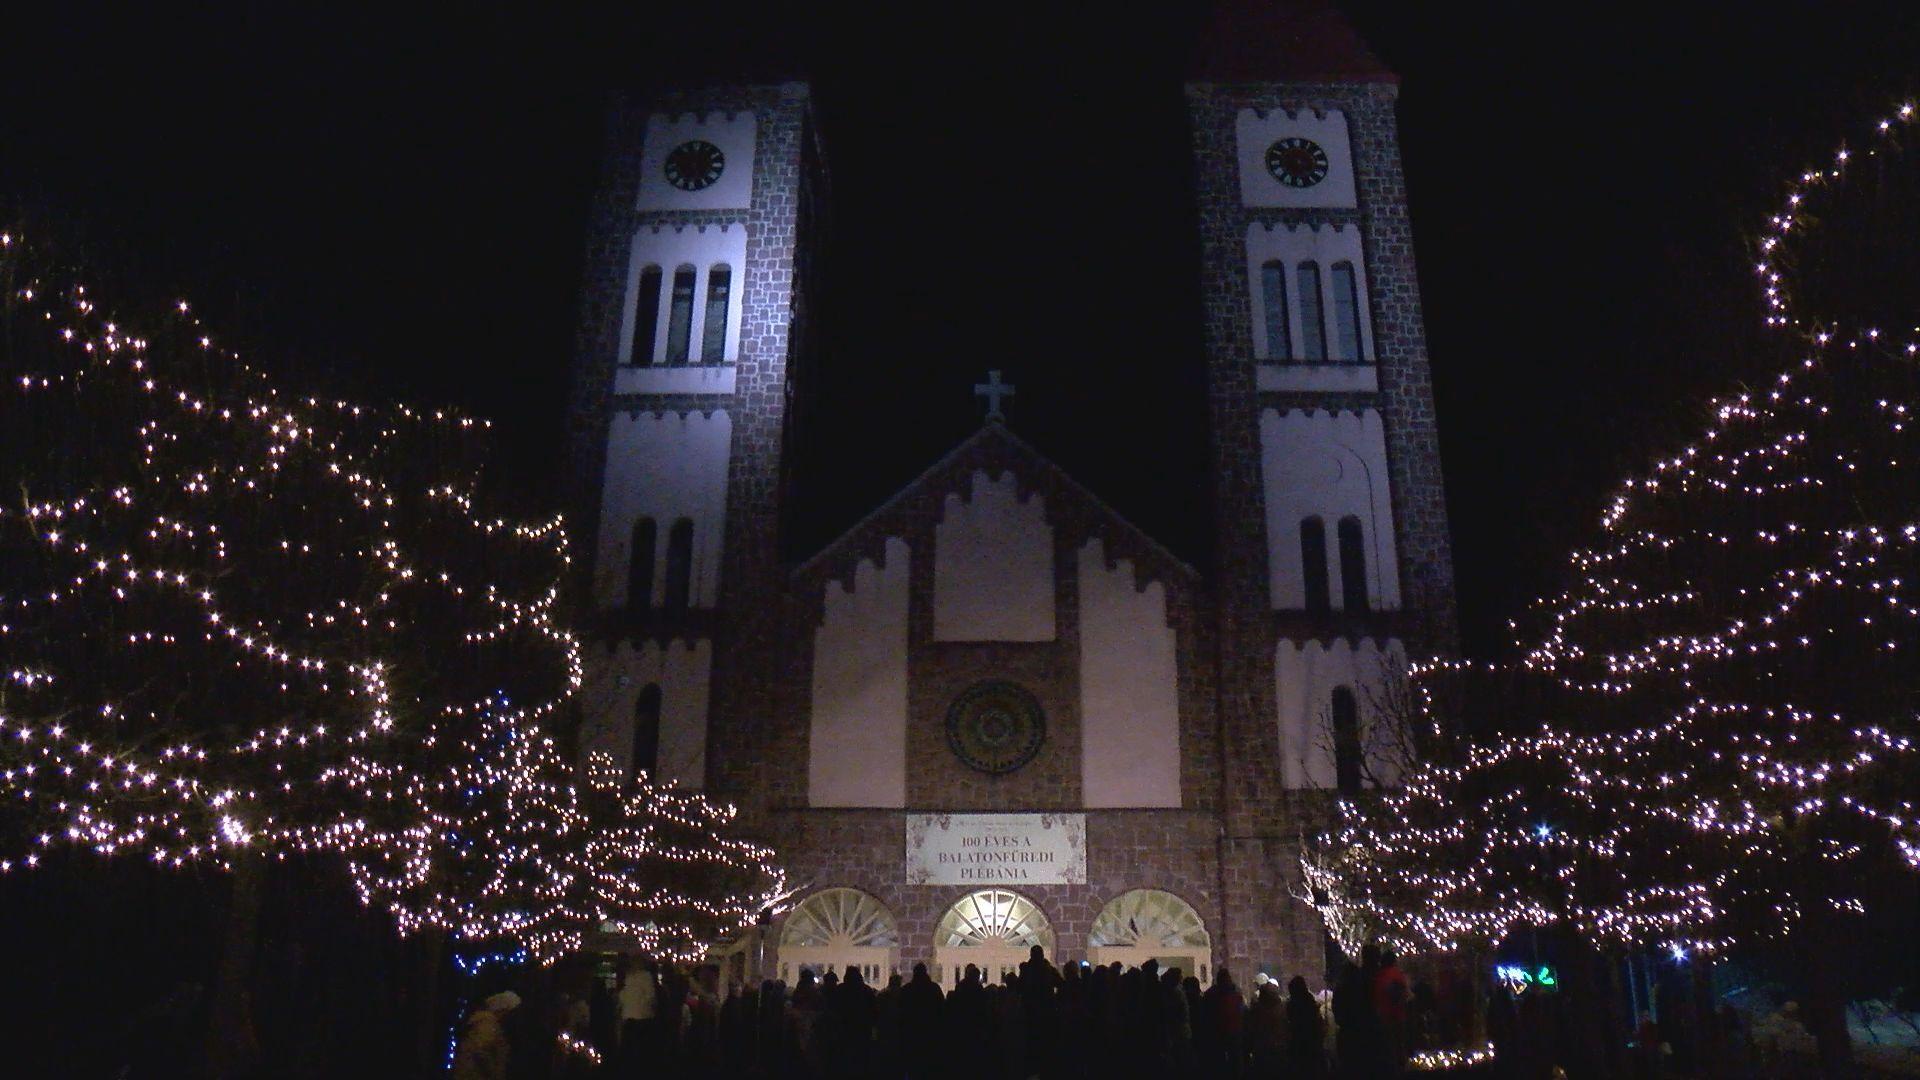 Megkezdődött az advent Balatonfüreden is